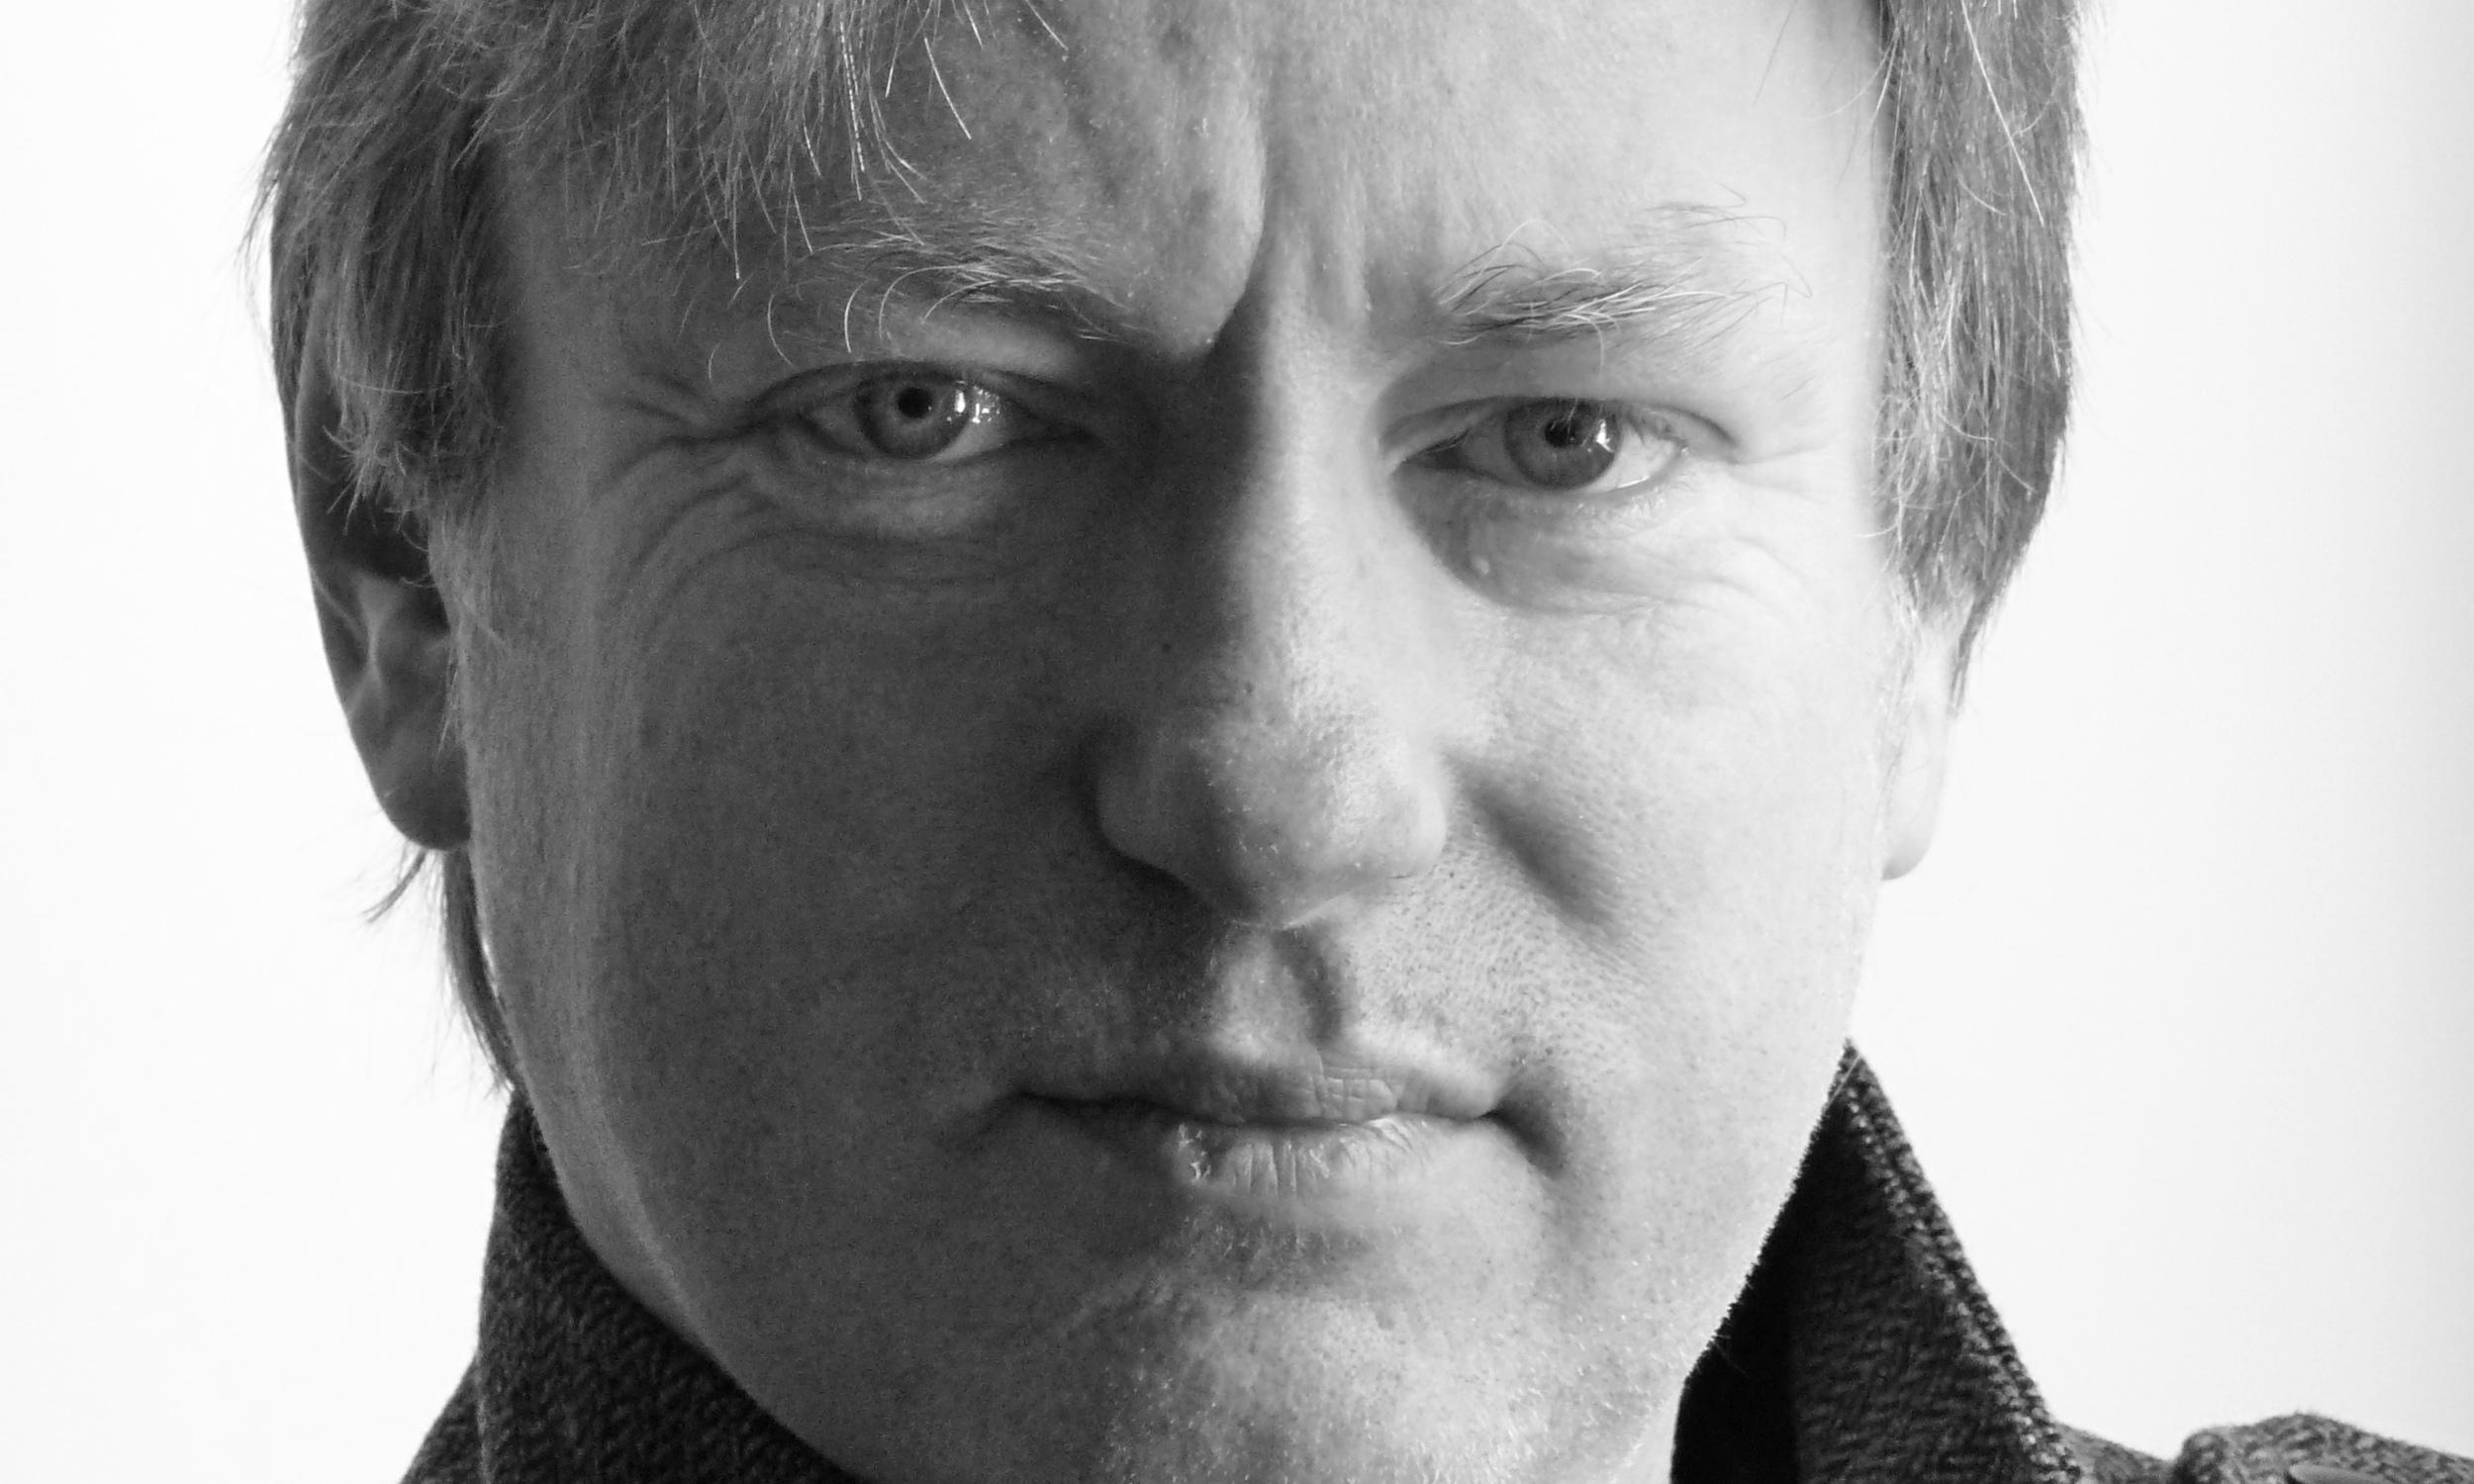 Author Michel Faber